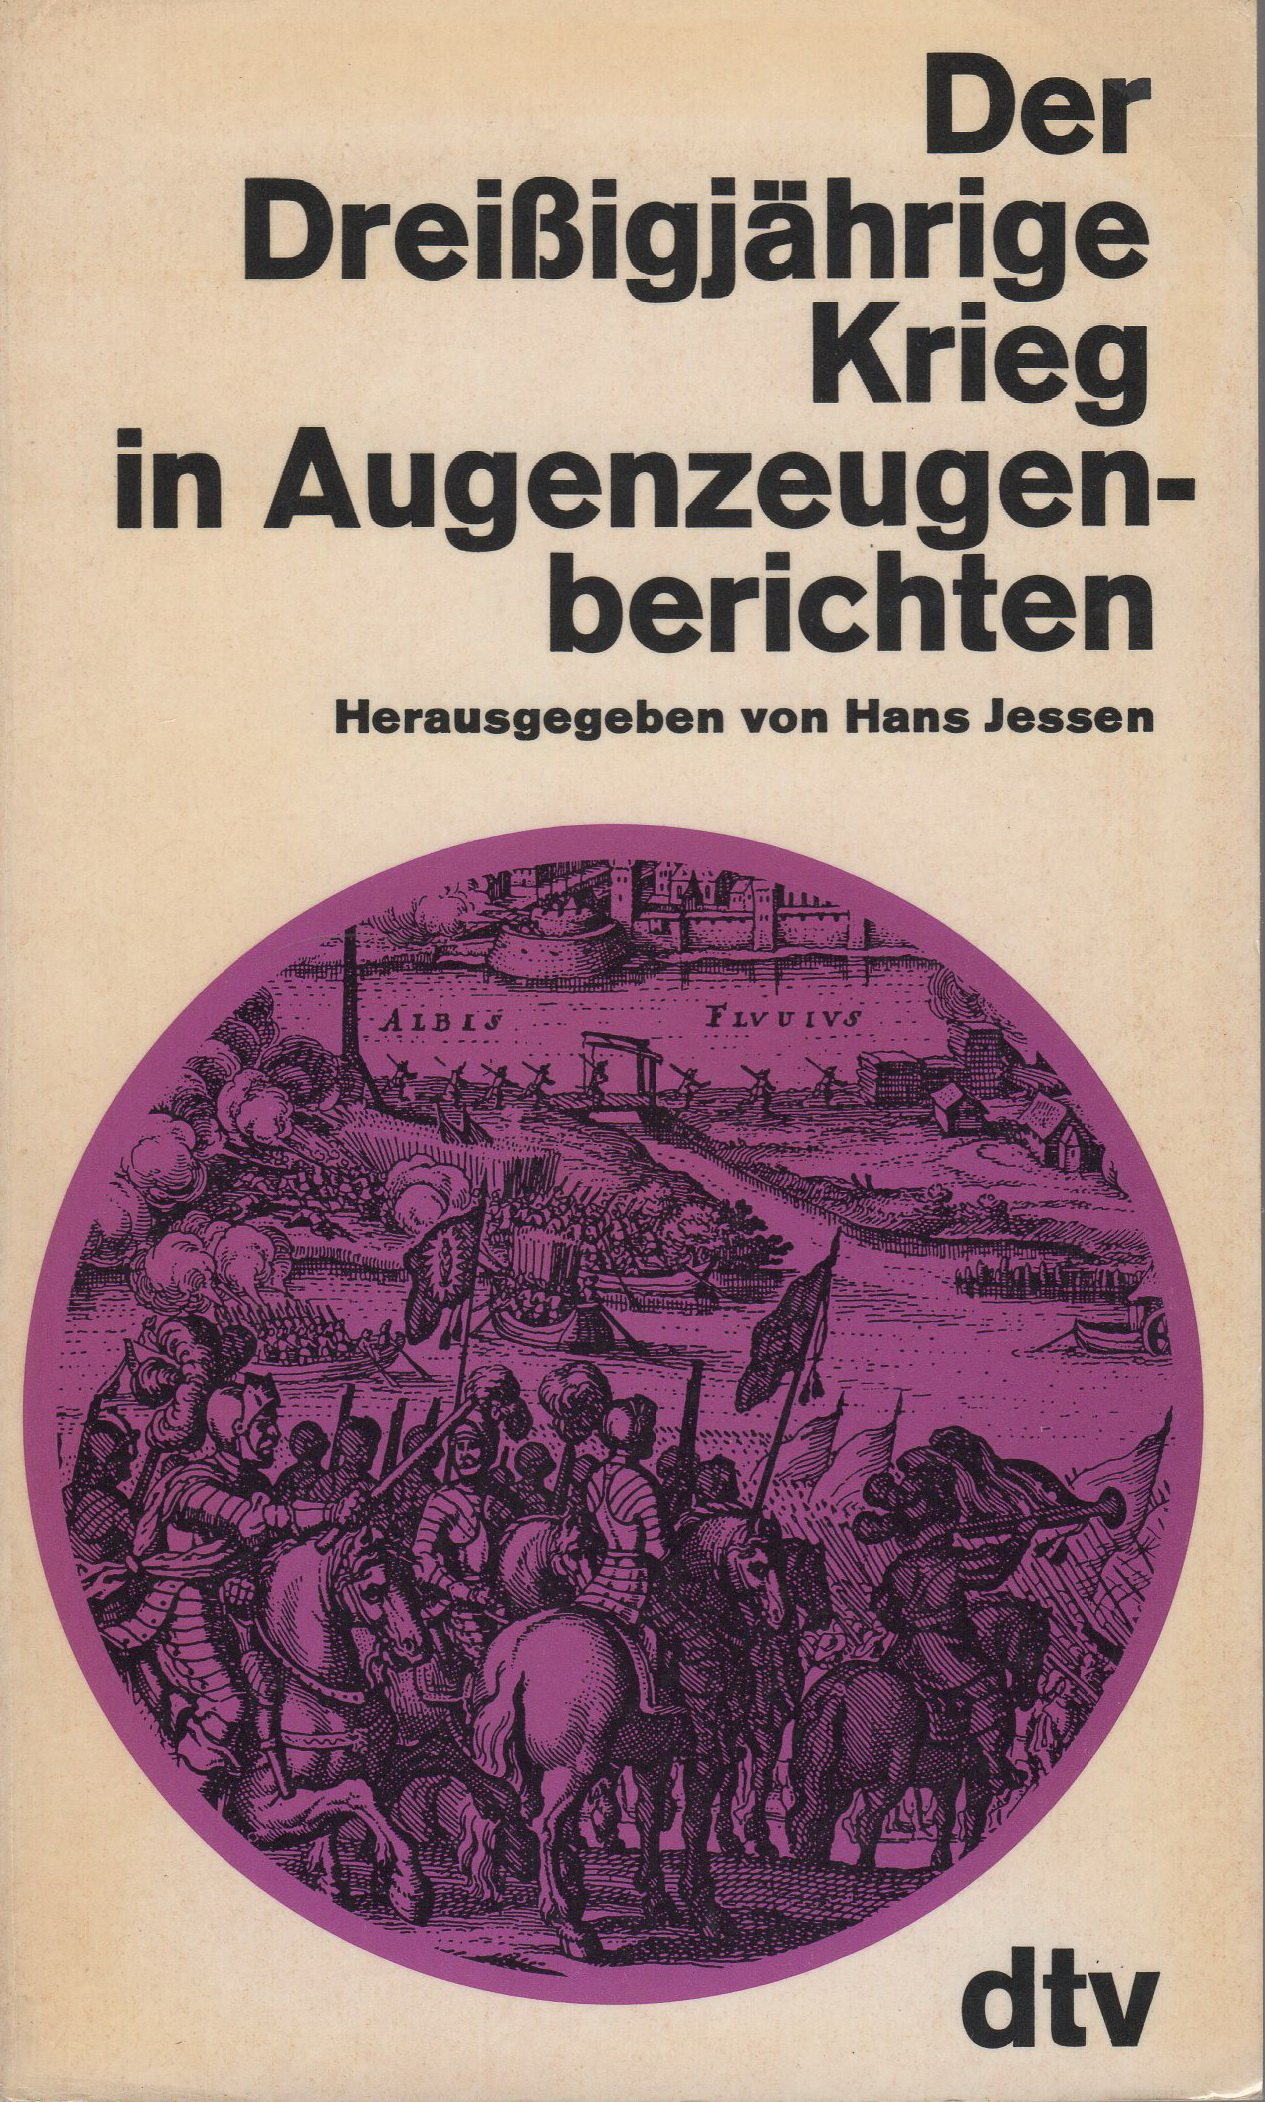 Der Dreißigjährige Krieg in Augenzeugenberichten. Taschenbuch – Ungekürzte Ausgabe, Dezember 1984 Hans Jessen dtv 3423007818